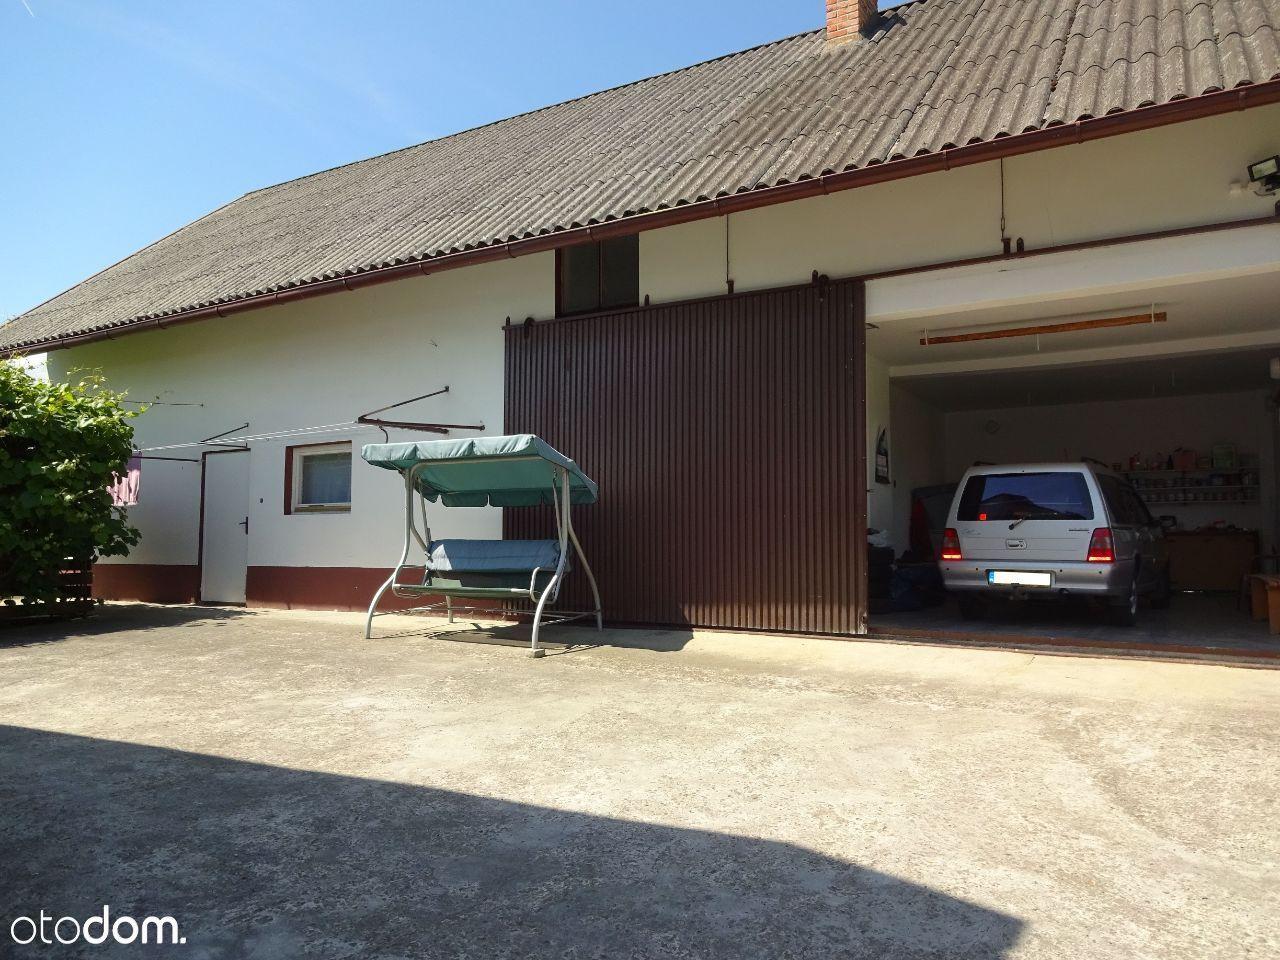 Dom na sprzedaż, Błażowa Dolna, rzeszowski, podkarpackie - Foto 3